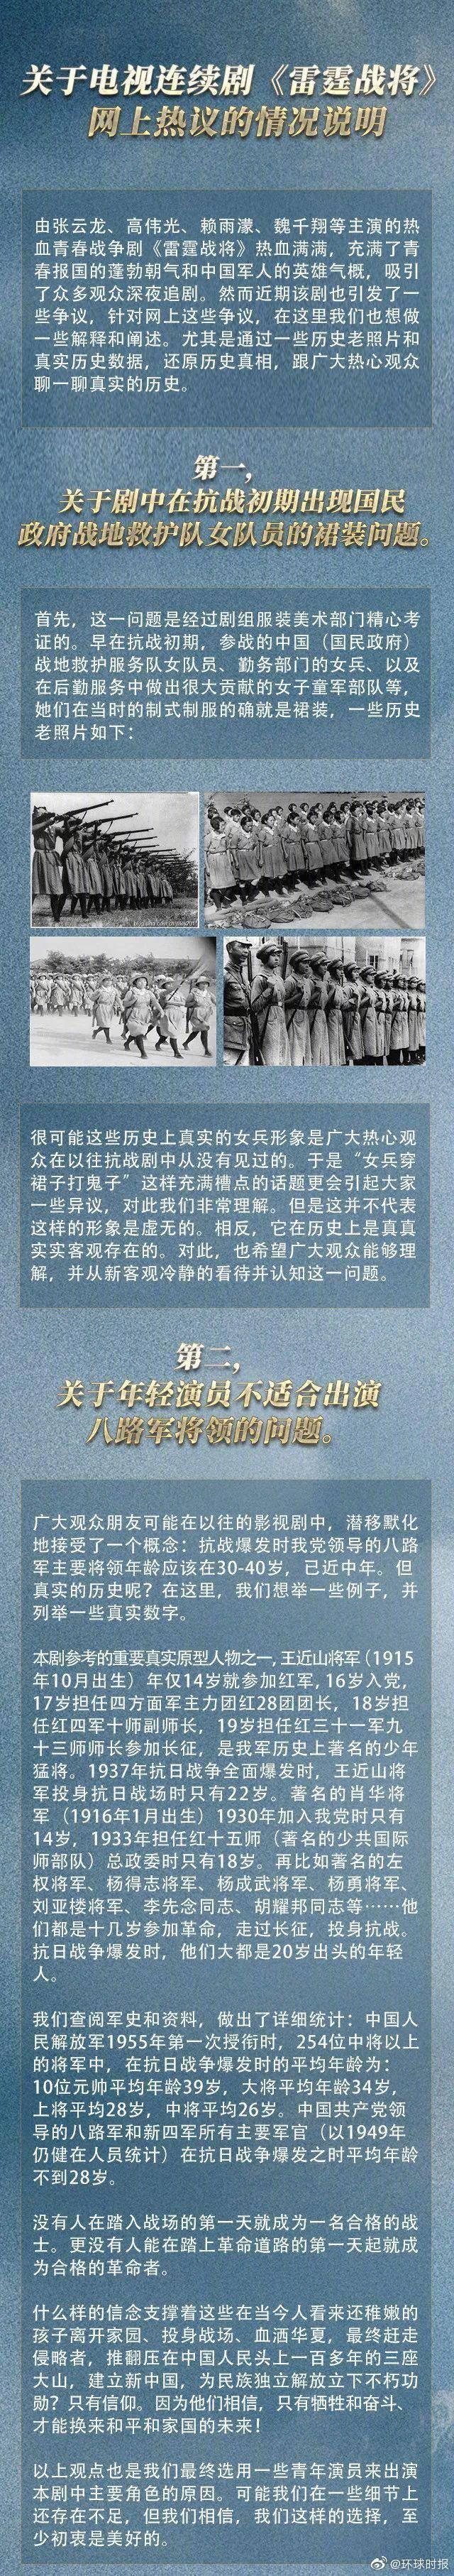 《雷霆战将》发长文回应差评:本剧的主要剧情都经得起历史考证